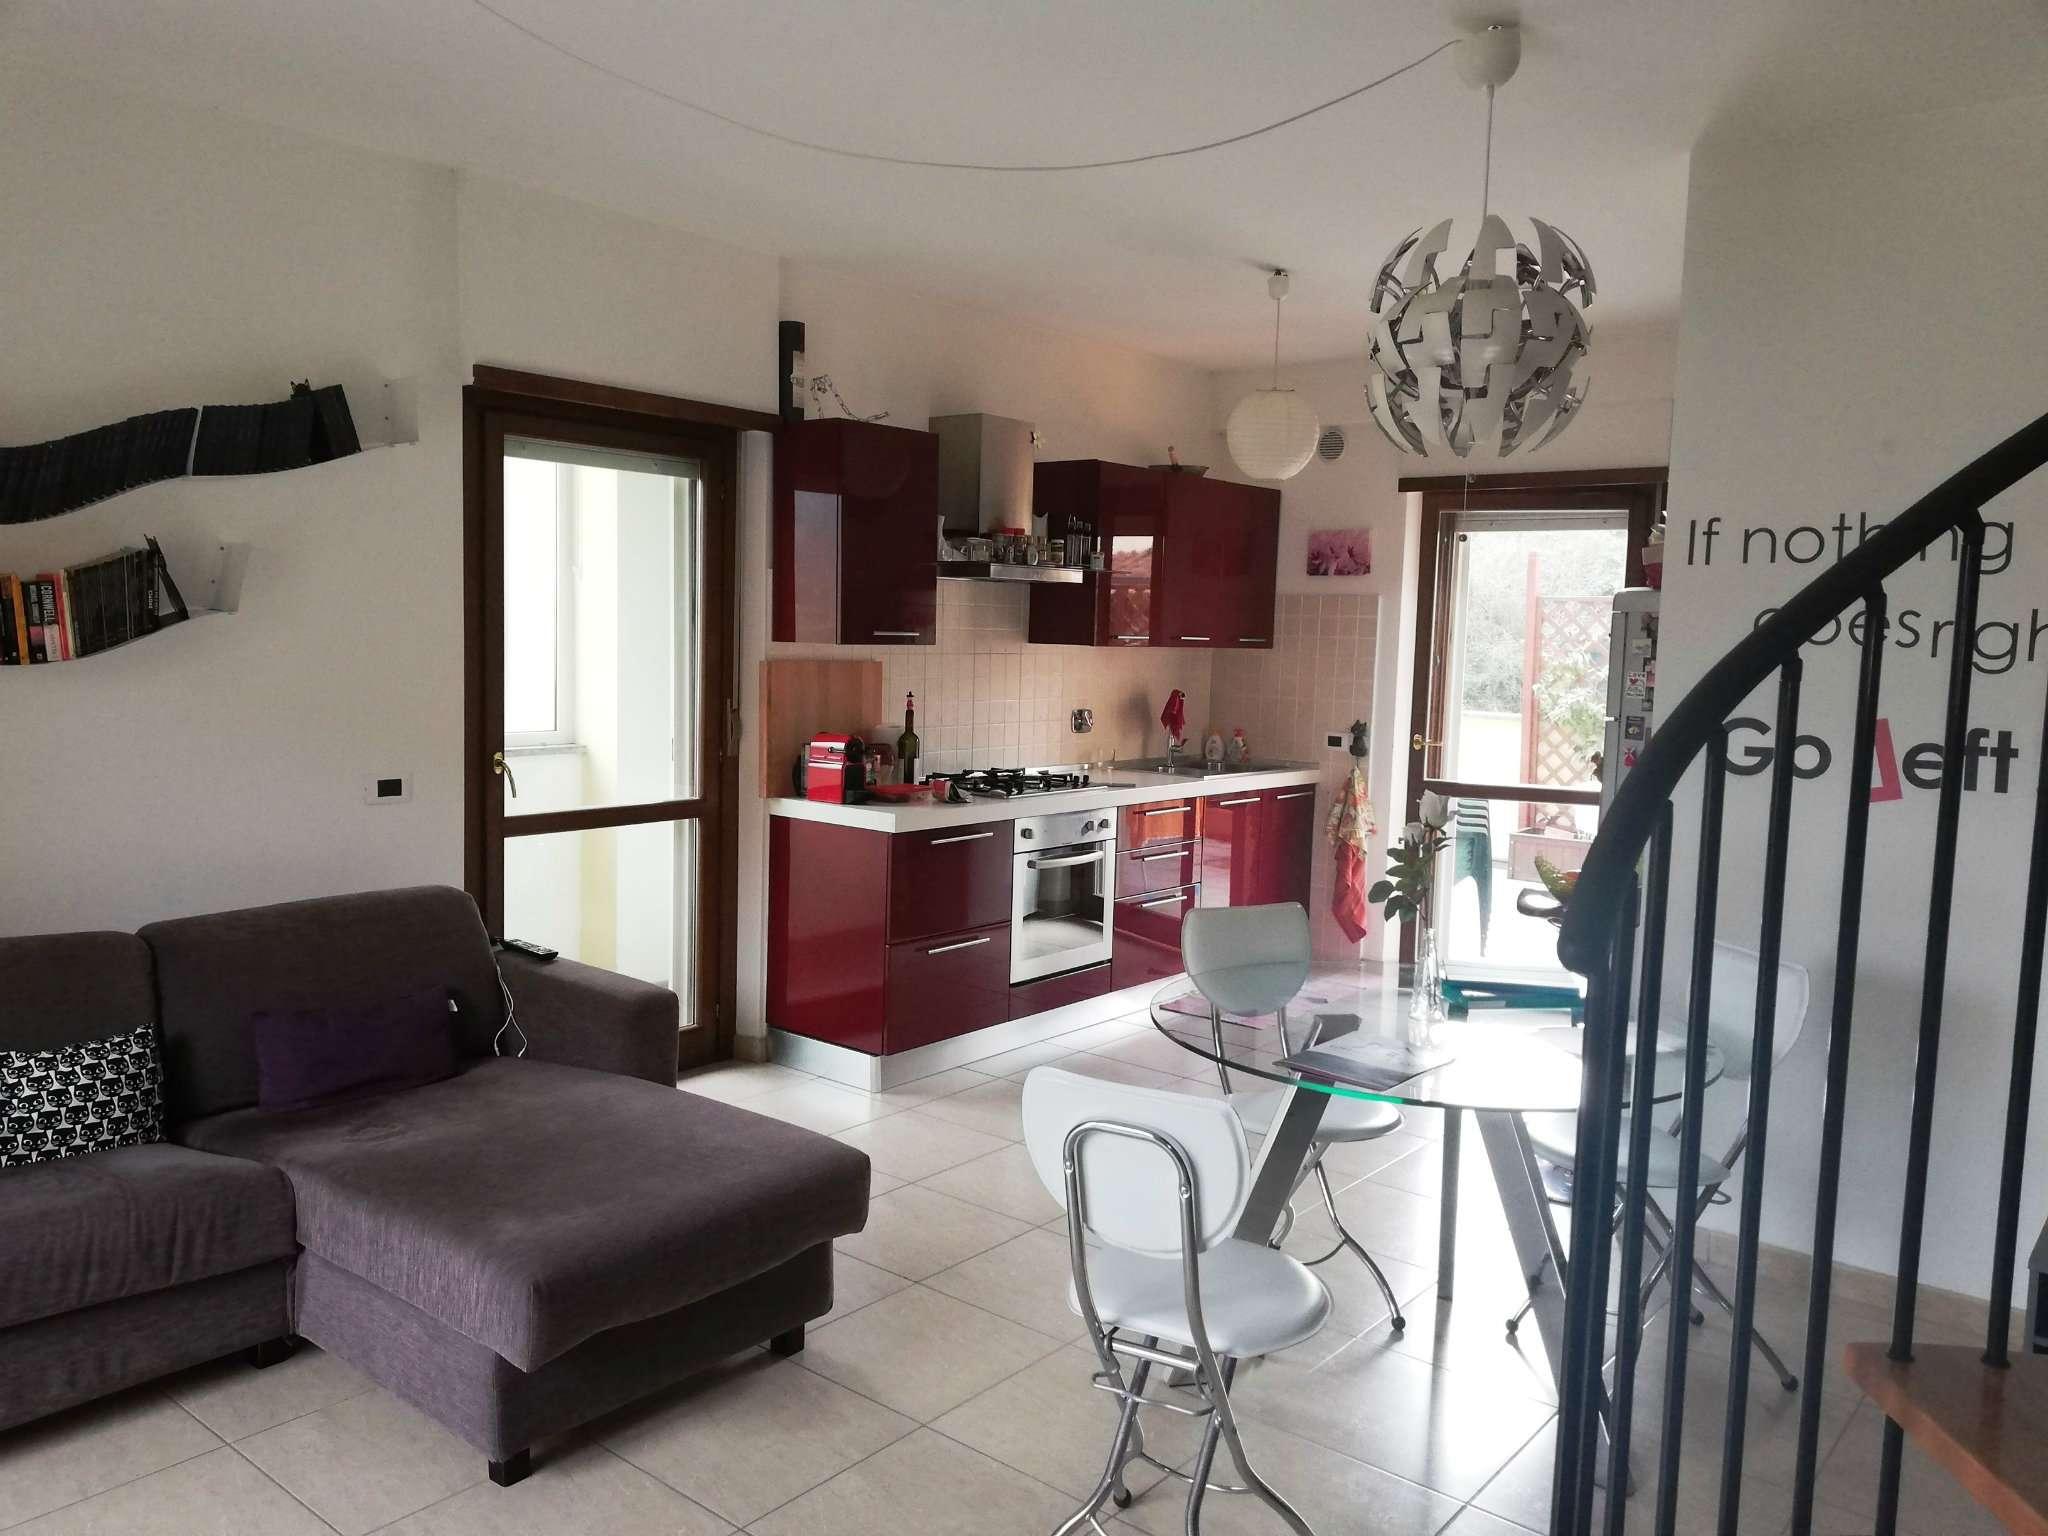 Appartamento in vendita a Roma, 2 locali, zona Zona: 33 . Quarto Casale, Labaro, Valle Muricana, Prima Porta, prezzo € 145.000   CambioCasa.it